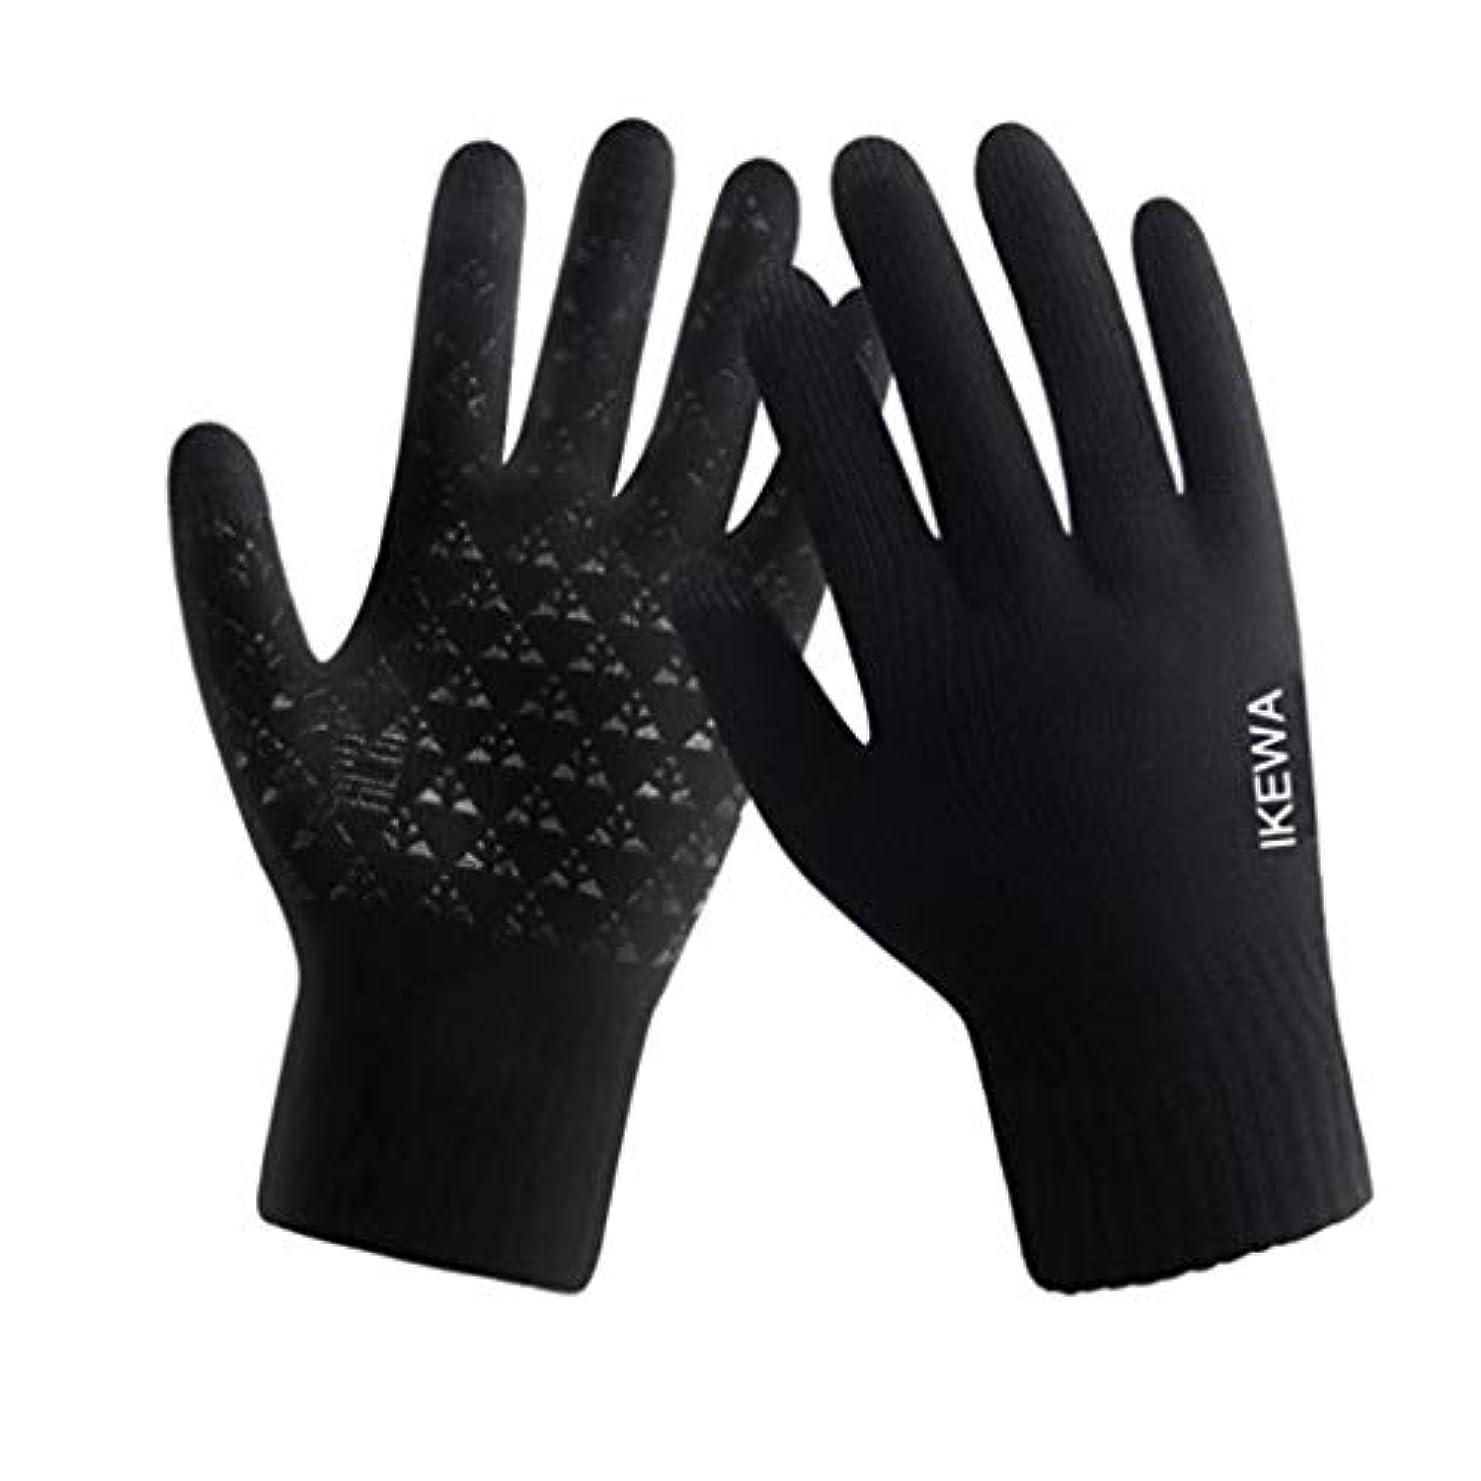 冬の羊毛の手袋、男性と女性、サイクリング、暖かいニット、タッチスクリーン、5本指の手袋、黒(男性)